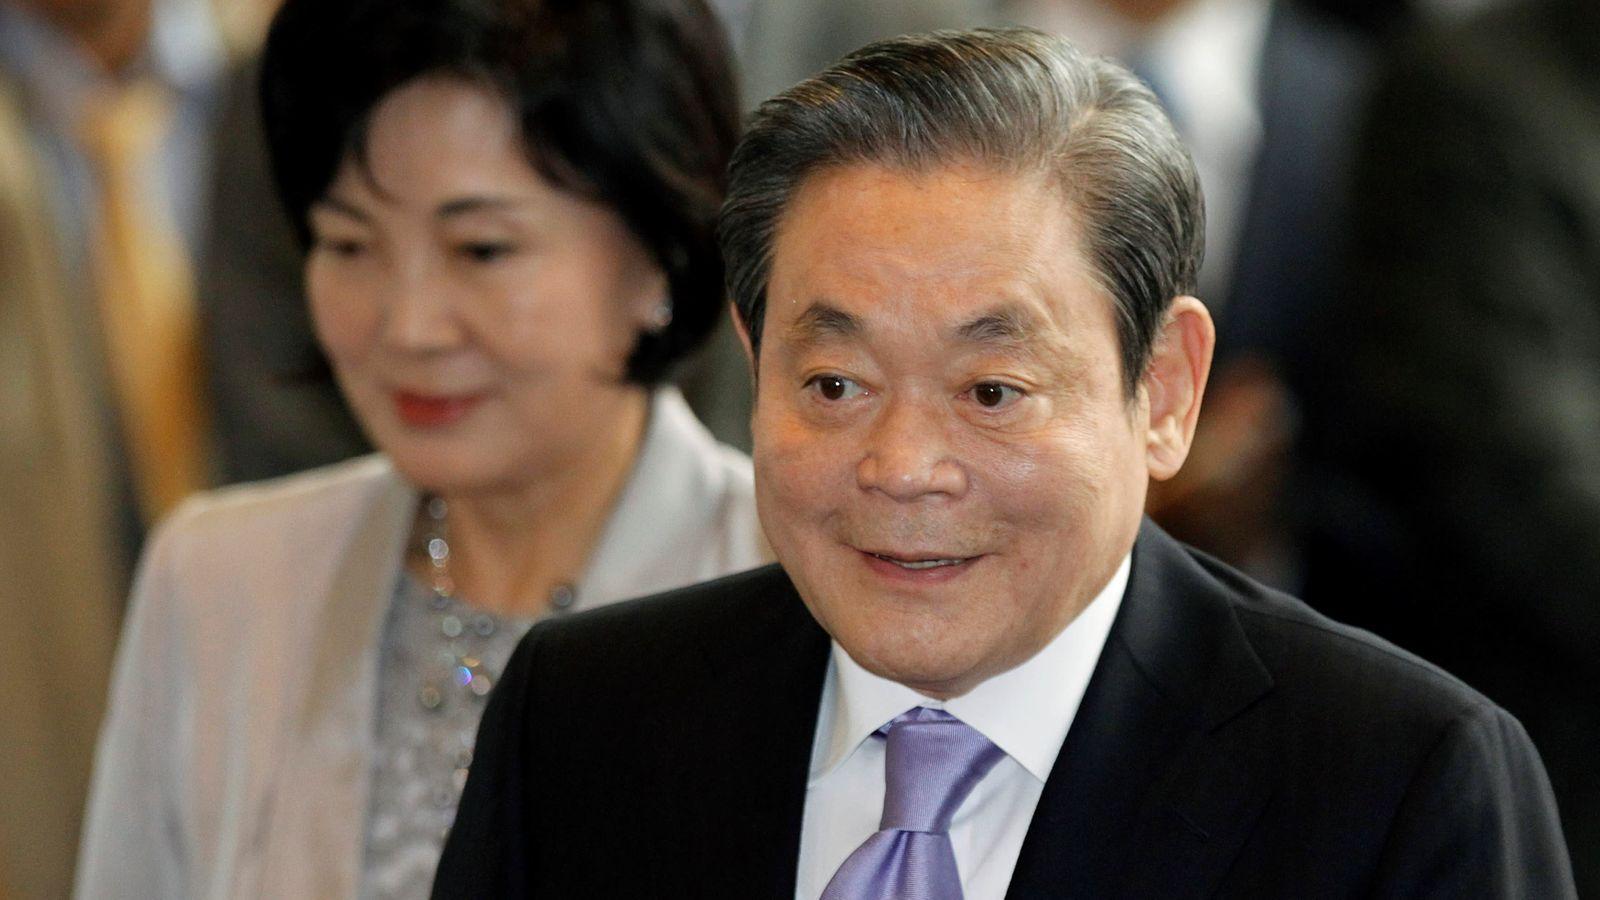 Самсунг компаний захирал Ли нас баржээ